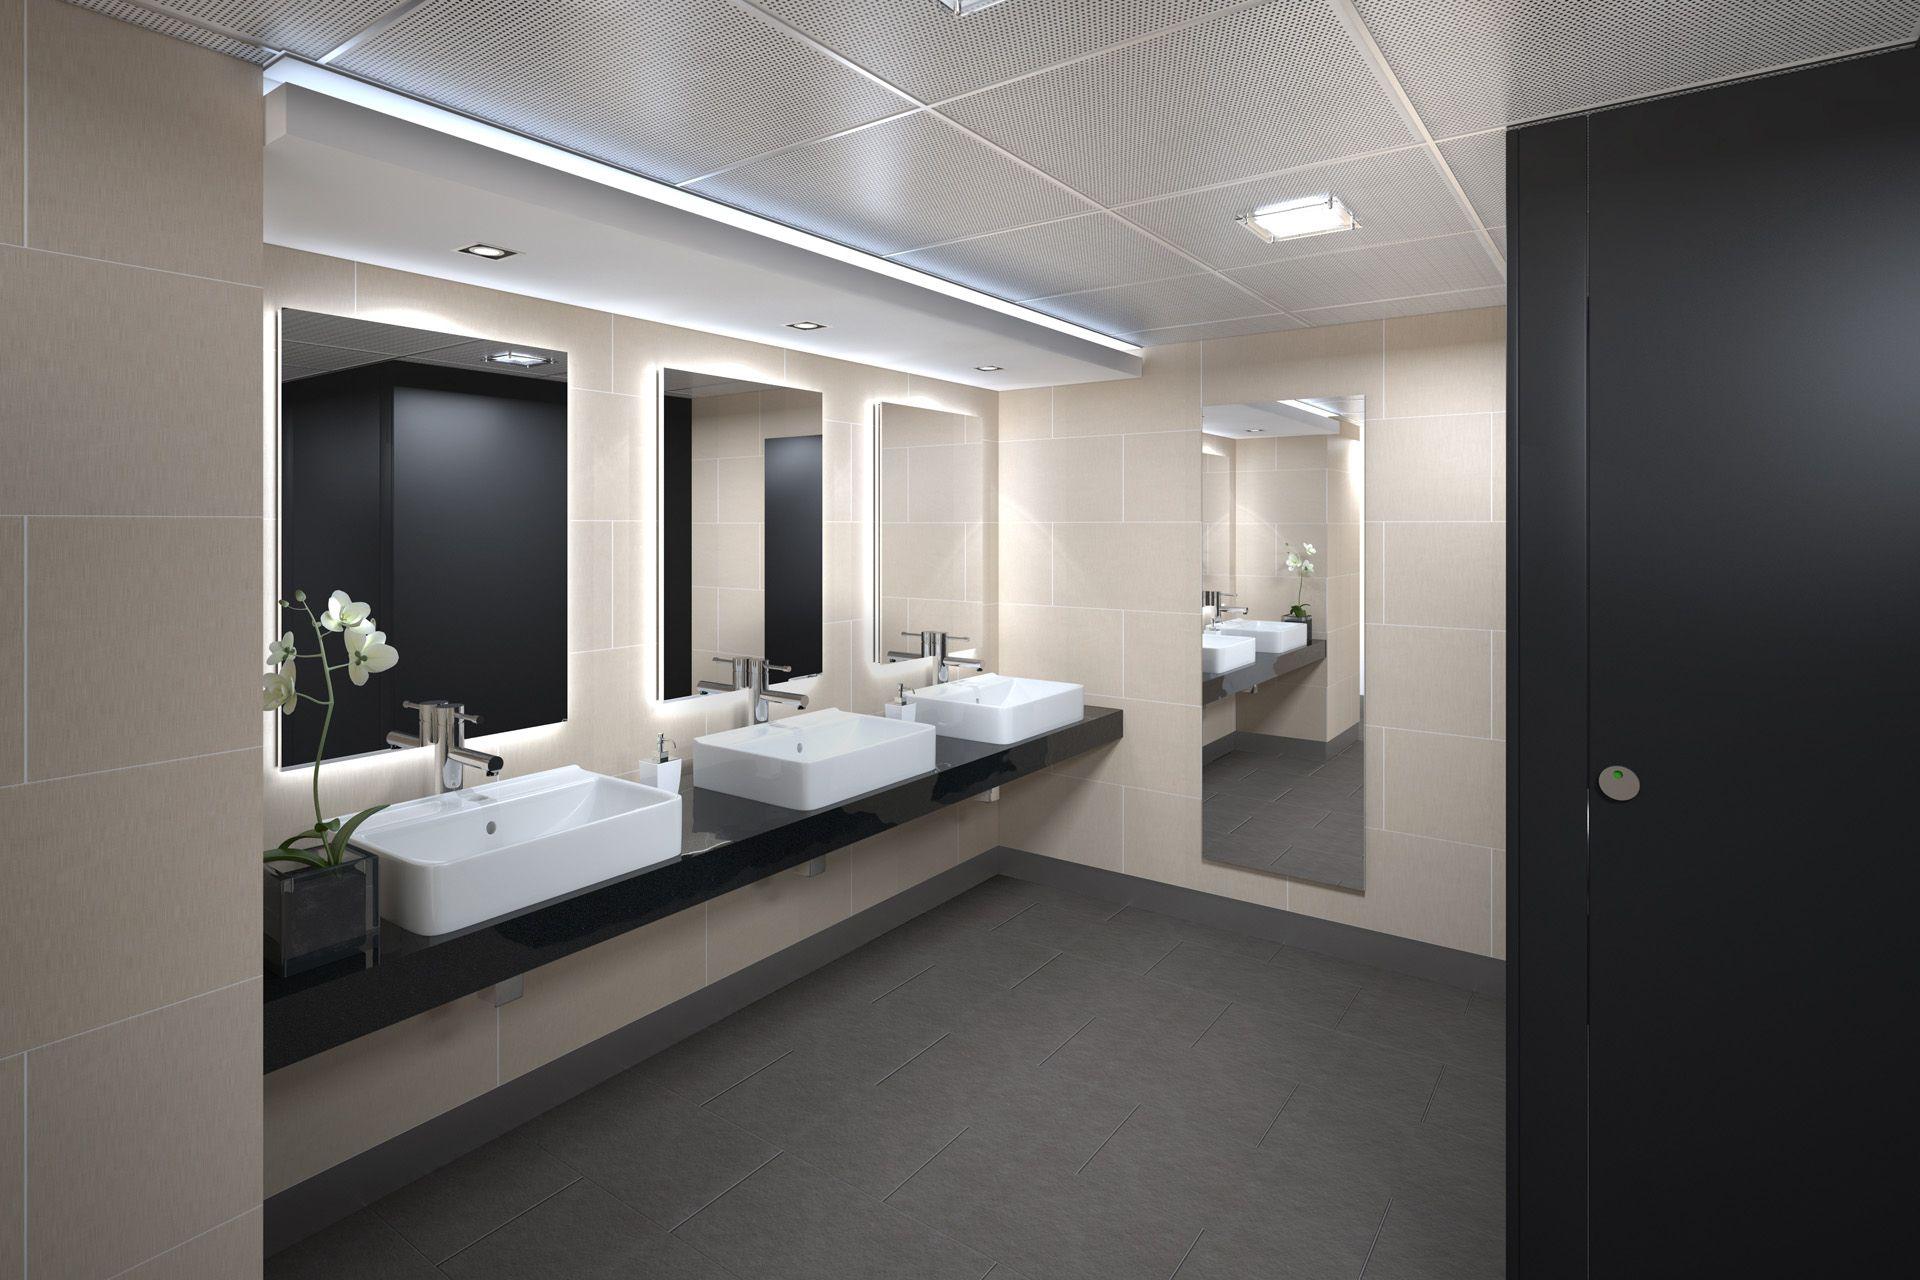 Commercial Bathroom Design Ideas Commercial Bathroom Designs